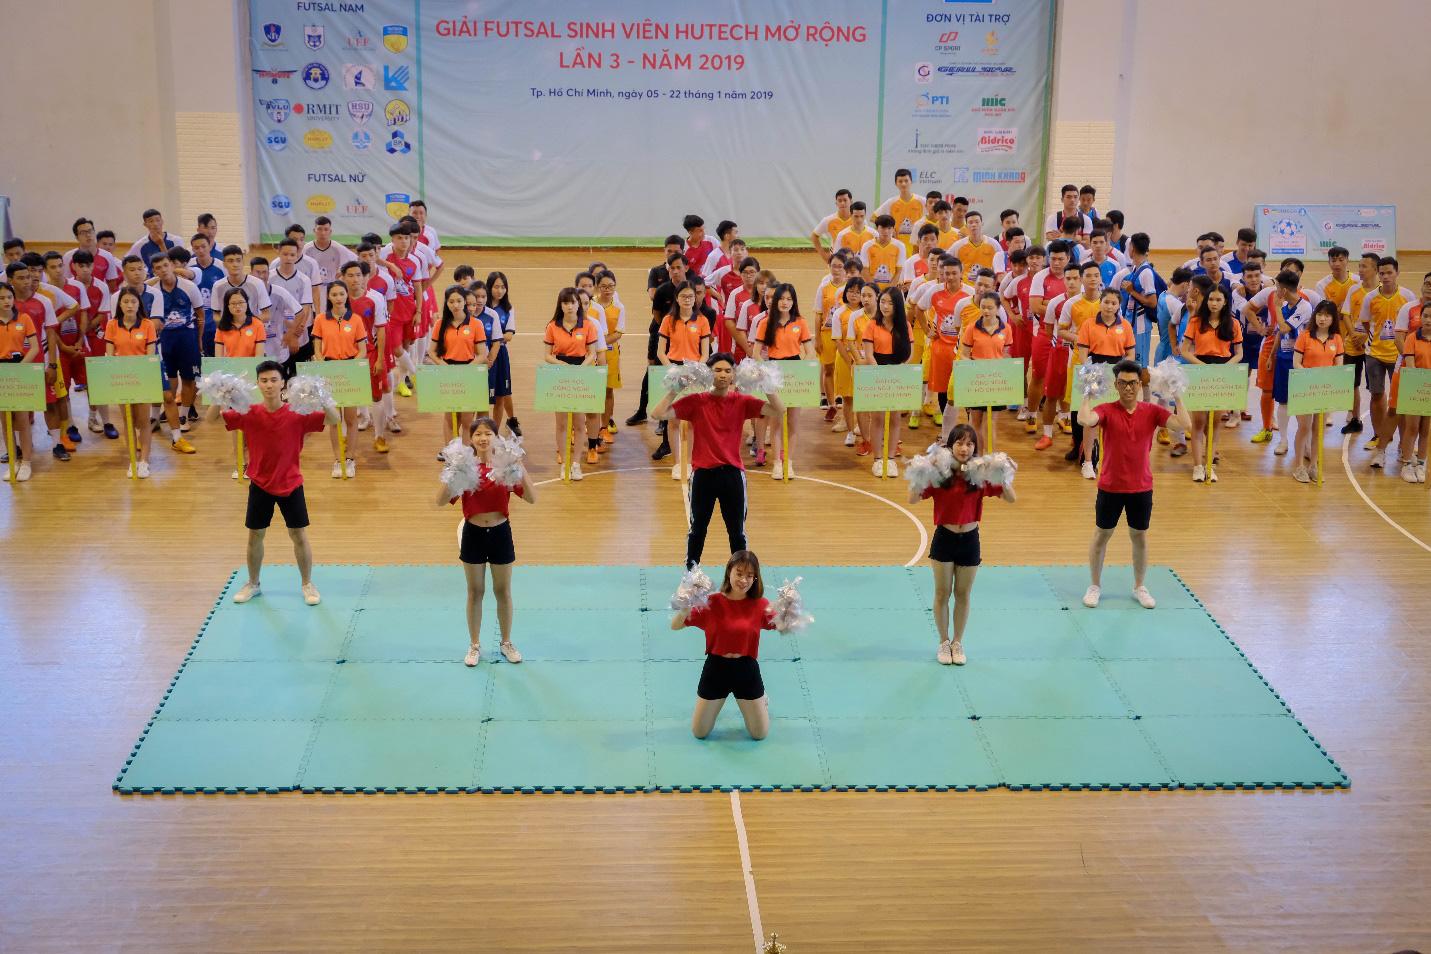 19 trường Đại học, Cao đẳng tranh cúp Futsal Sinh viên HUTECH mở rộng lần 4 - 2020 - Ảnh 1.